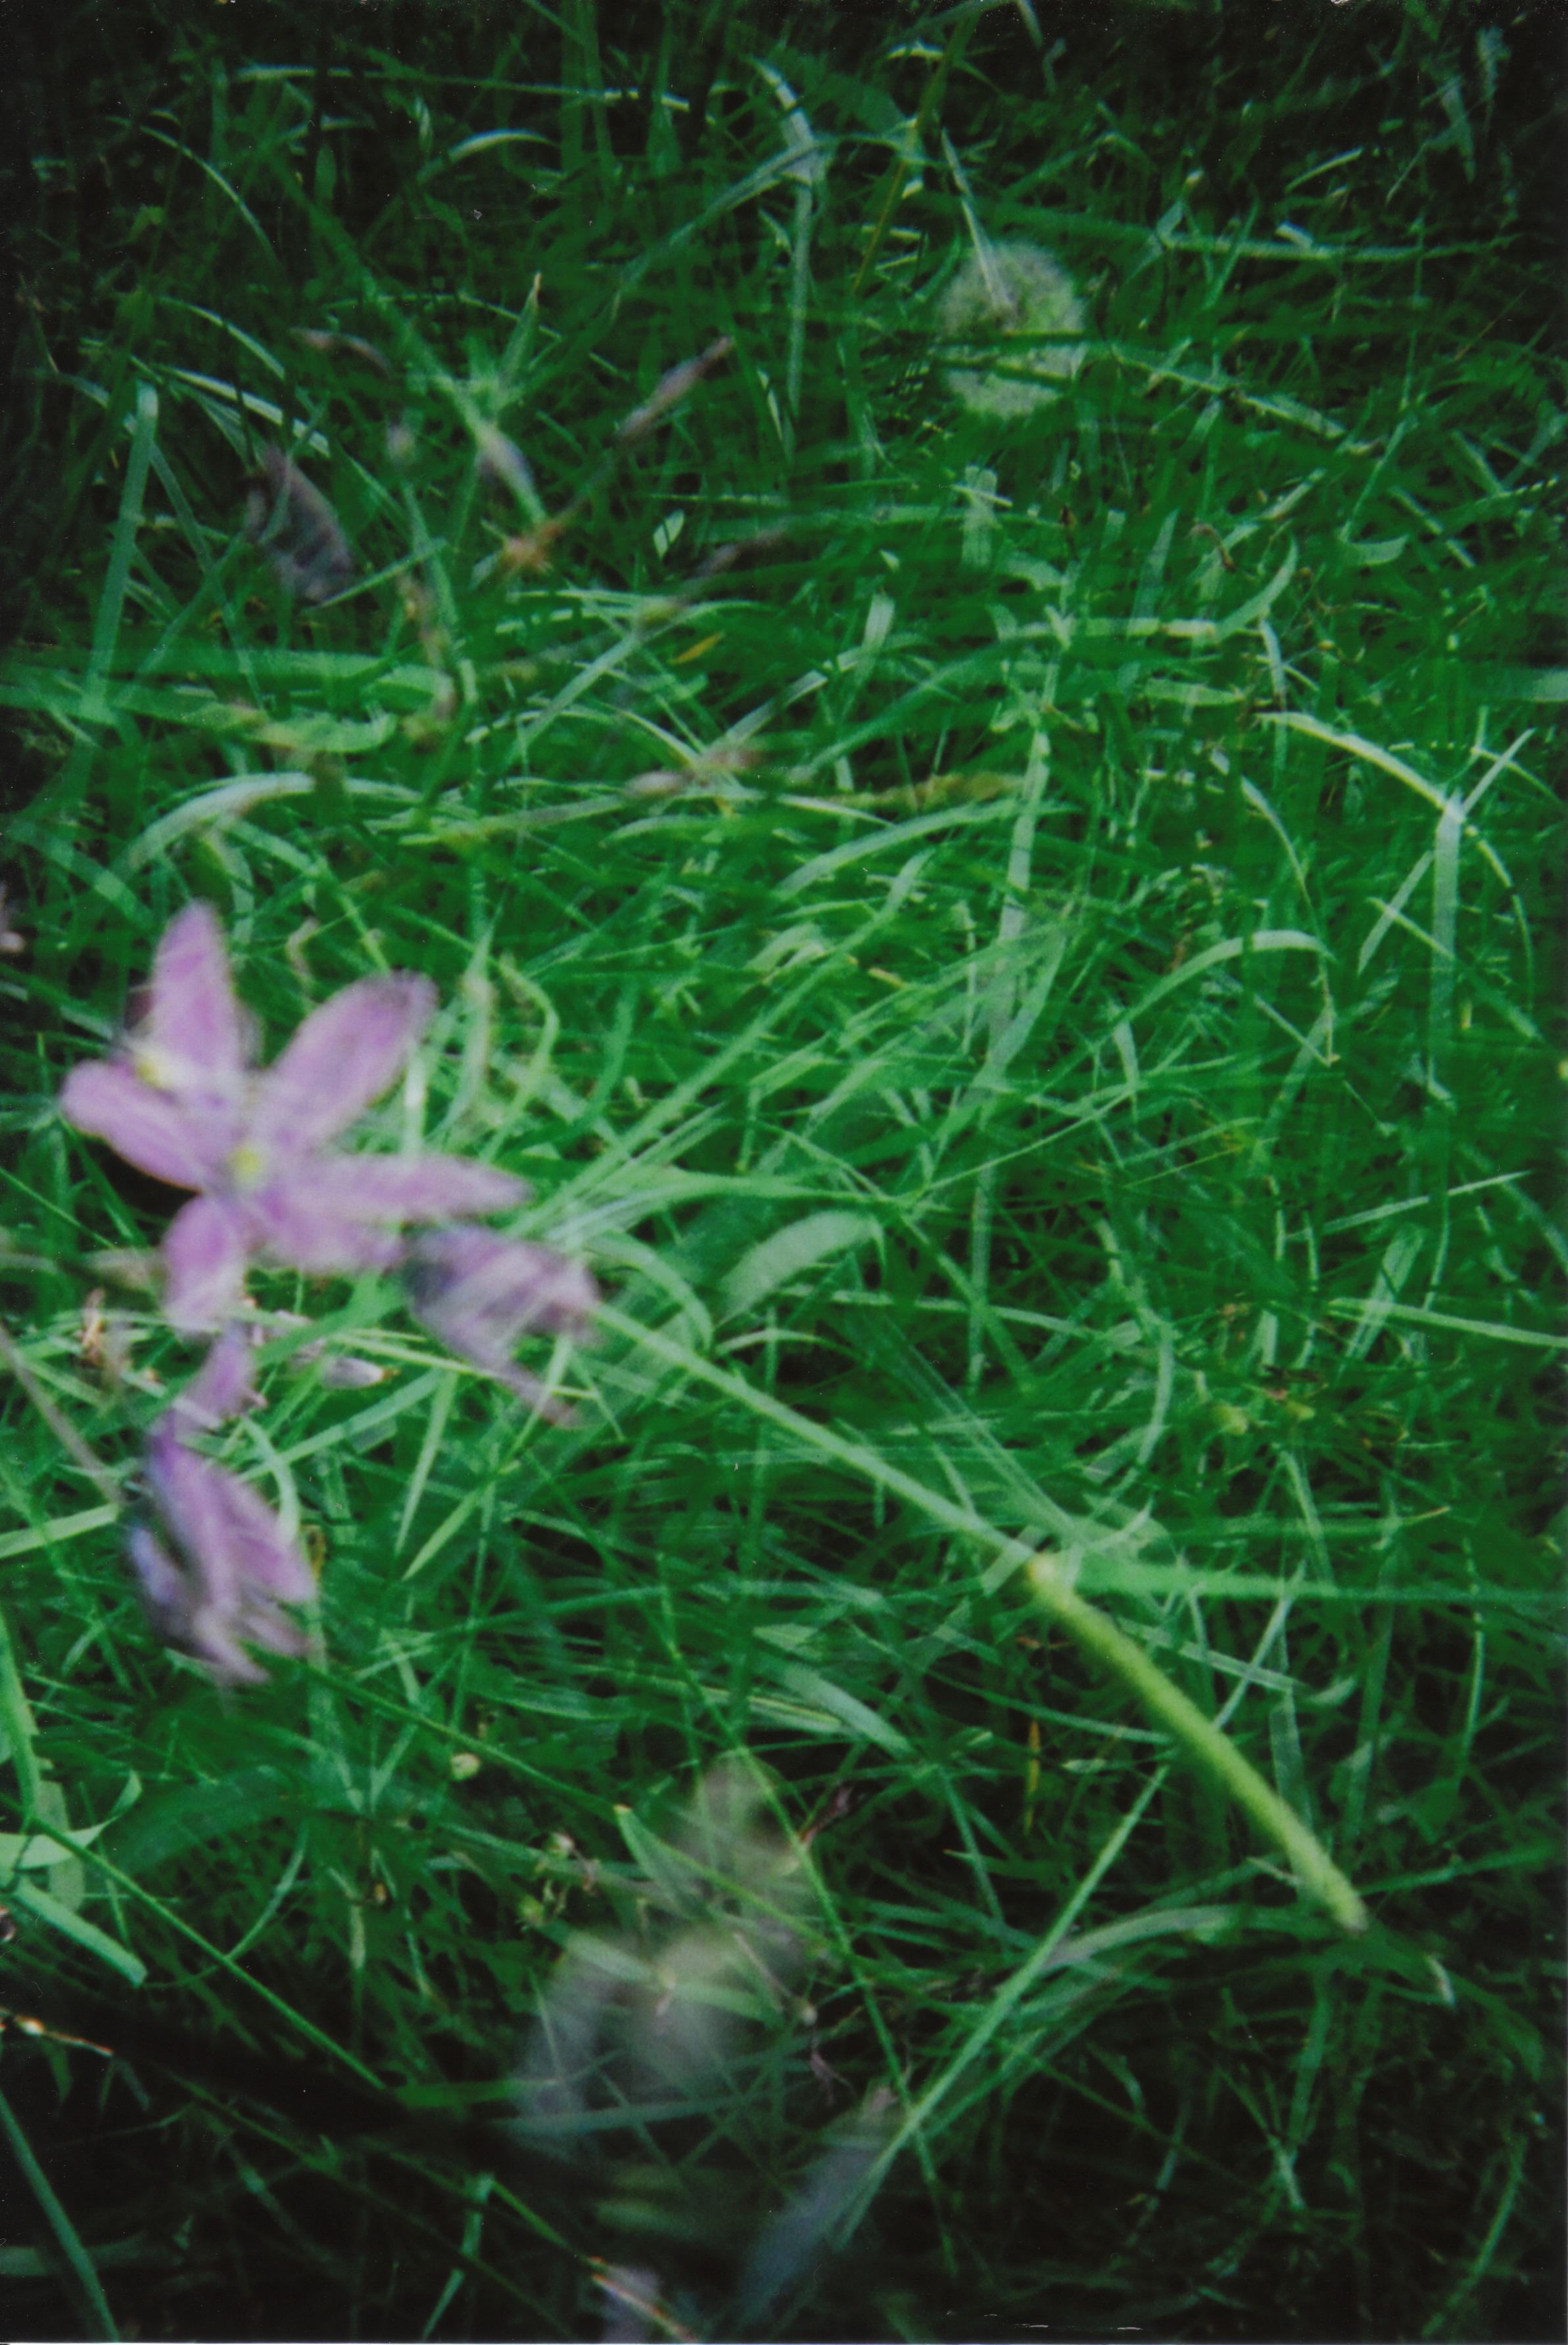 holga_nature_0005.jpg